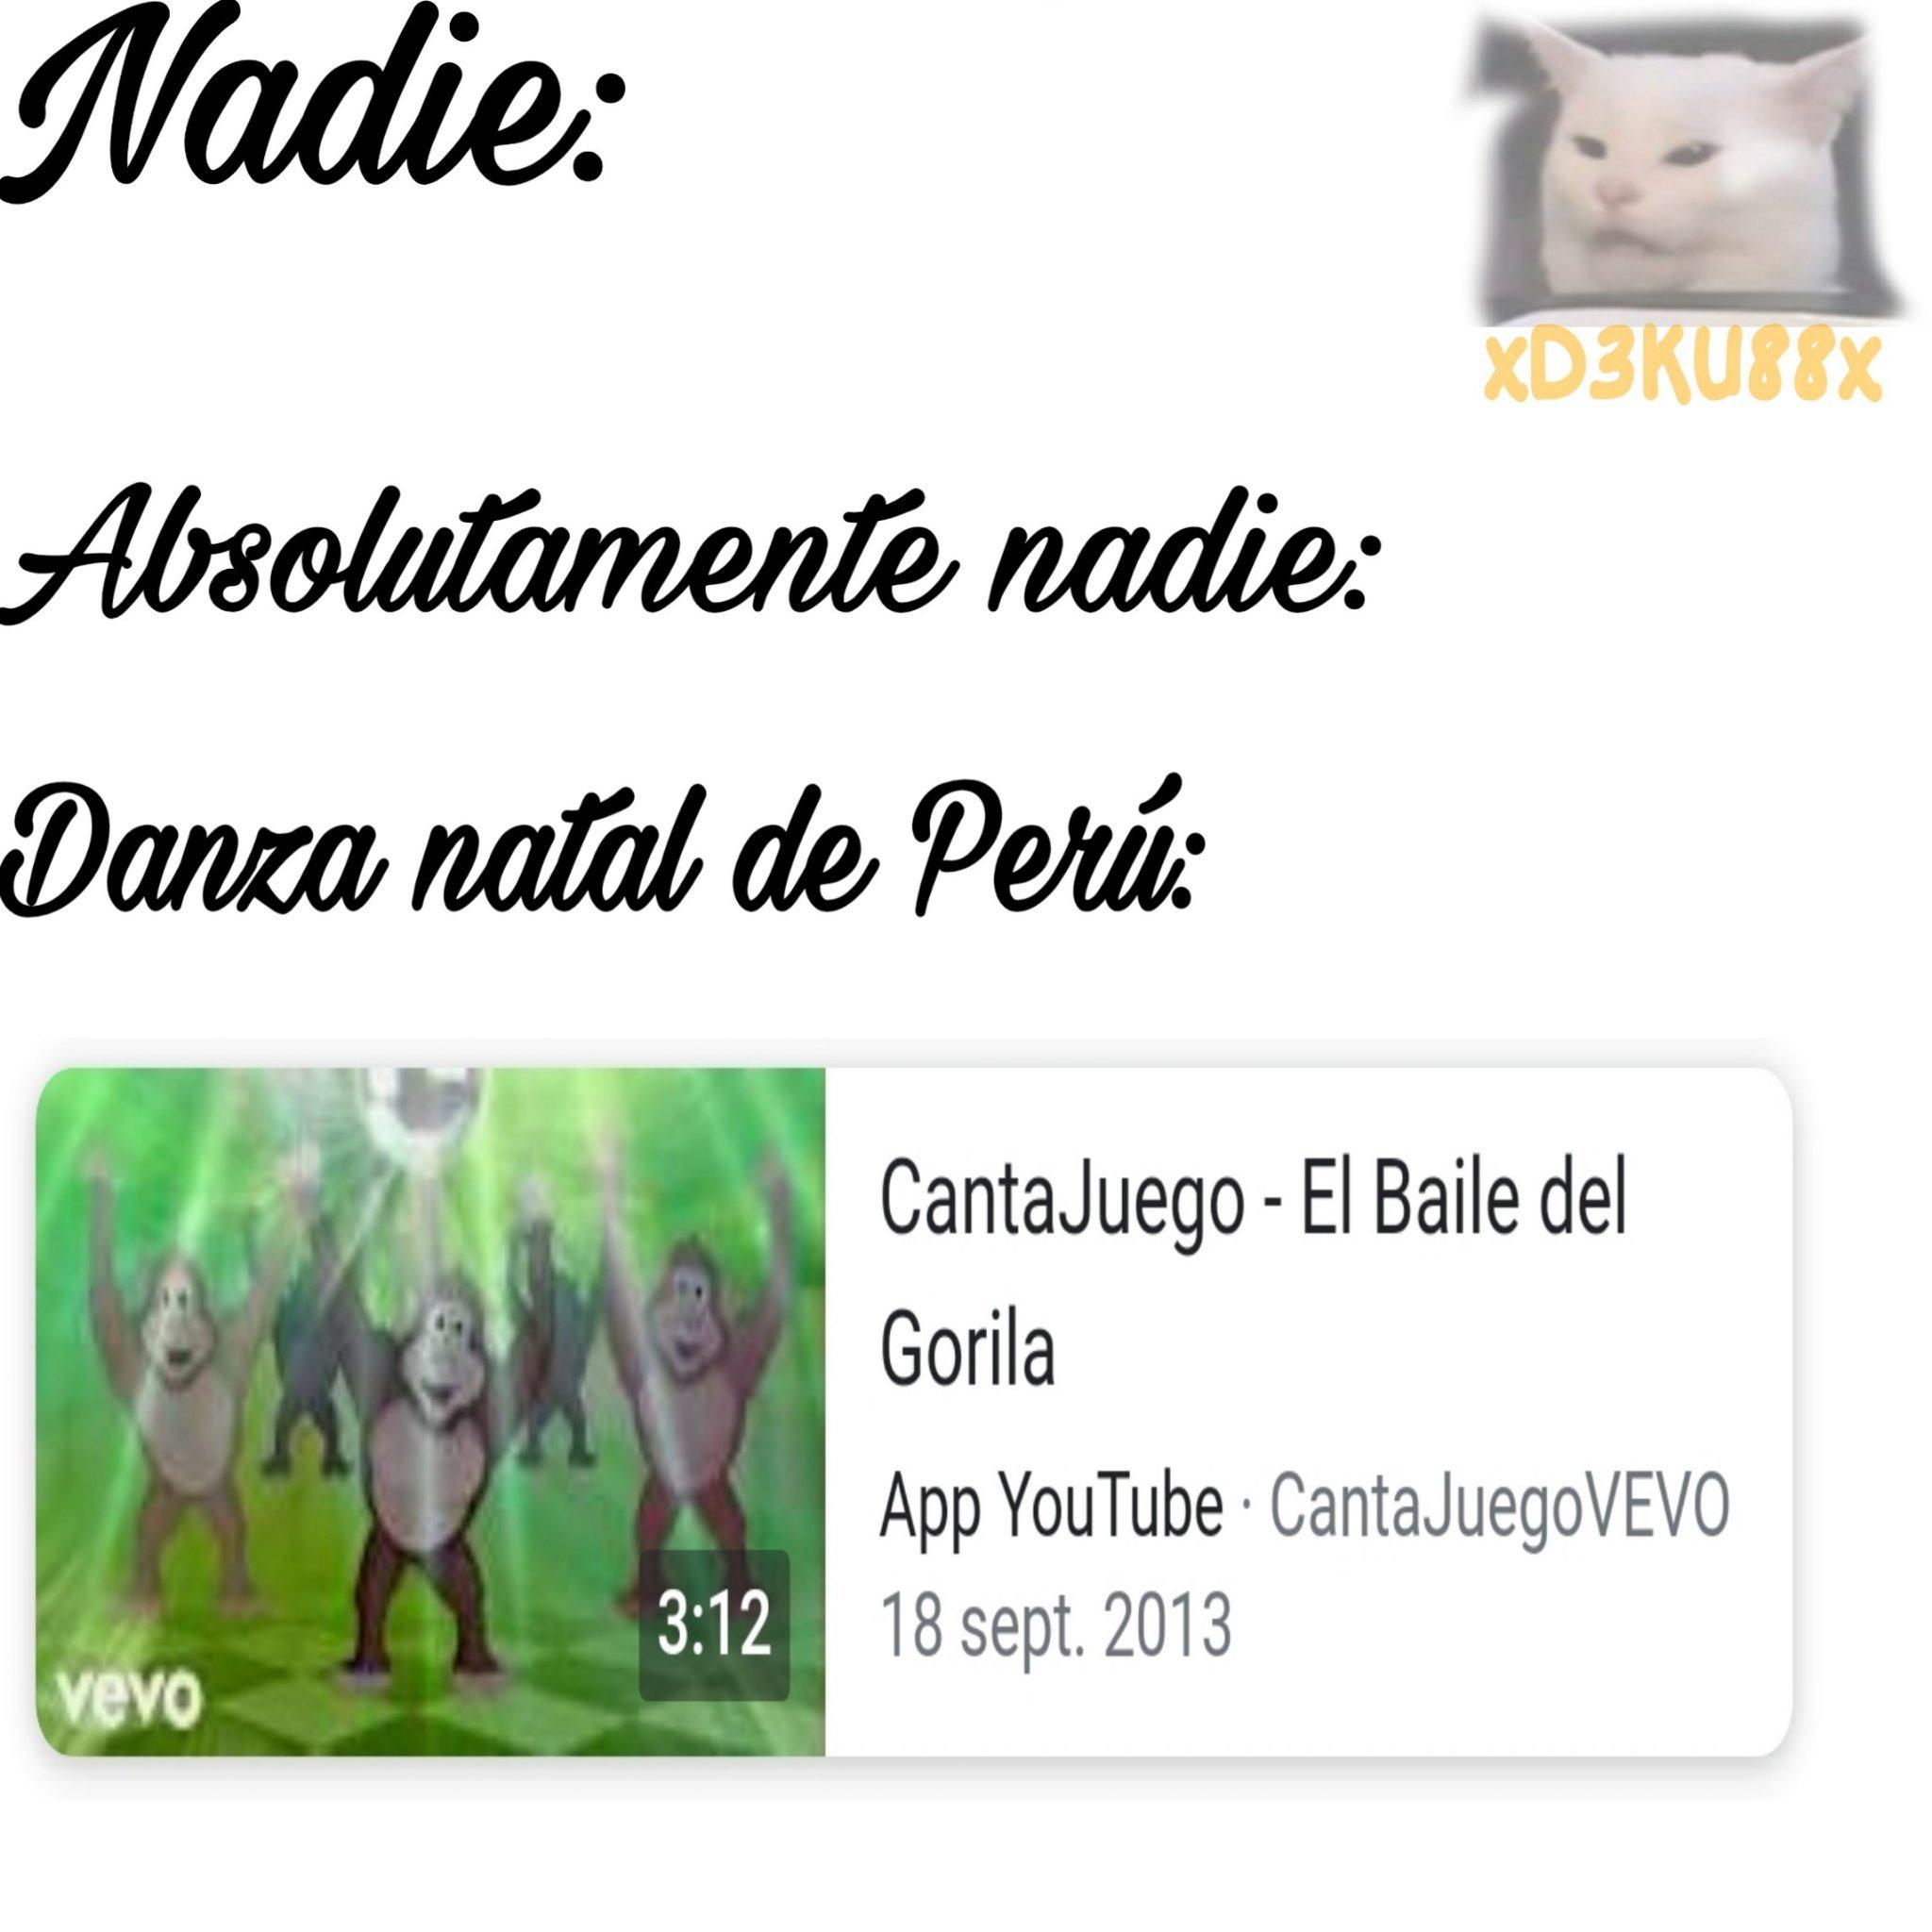 Baile natal de Perú - meme